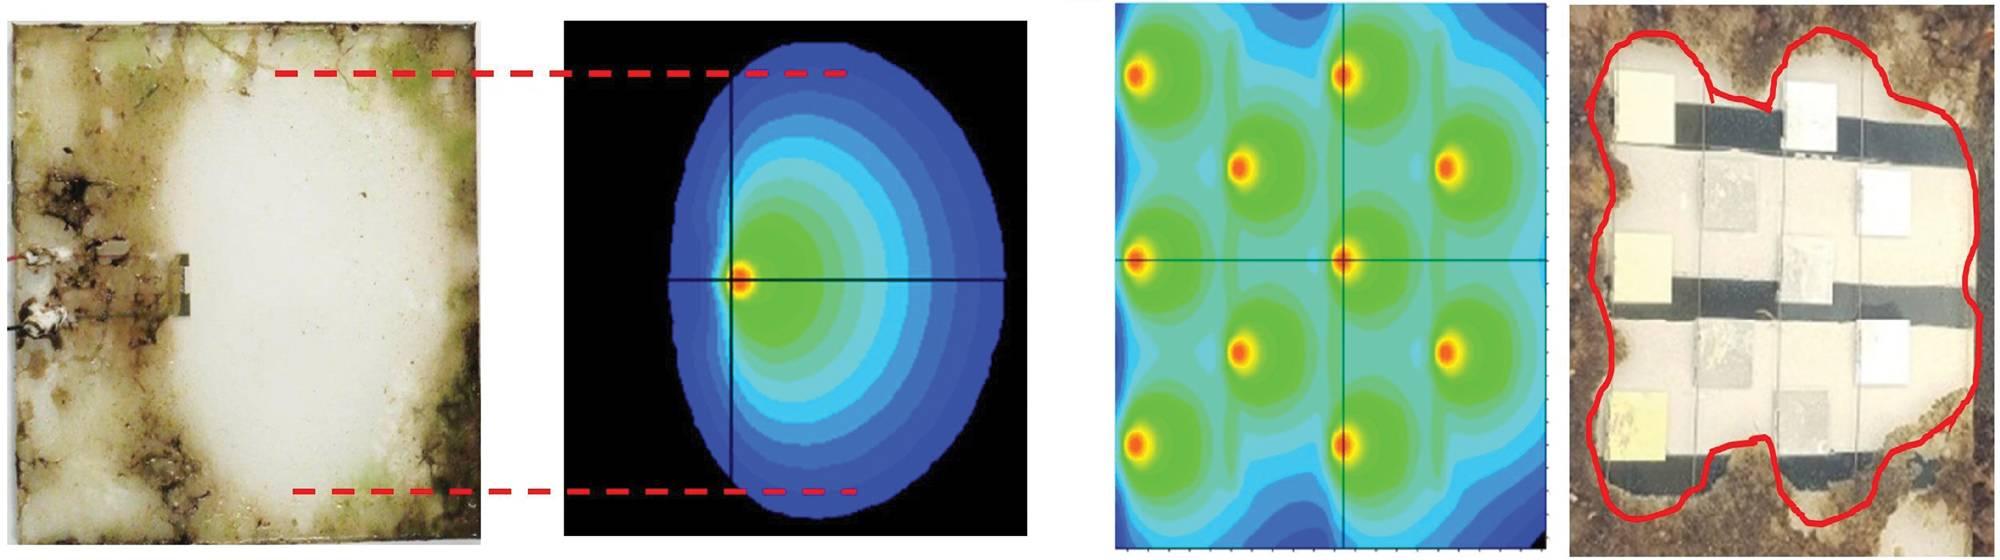 चित्रा 3: सतह पर यूवी विकिरण के मॉडल सिमुलेशन की तुलना इसी बायोफूलिंग परीक्षणों के साथ। एक एलईडी के साथ एक सिलिकॉन स्लैब के लिए बाईं ओर, एक मछलीघर में परीक्षण किया। समुद्र की स्थिति में परीक्षण किए गए एक पूर्ण प्रोटोटाइप पैनल के दाईं ओर। सिमुलेशन से अनुमानित 0.3mW / m2 irradiance स्तर के साथ लाल रेखाओं के निशान स्थान।